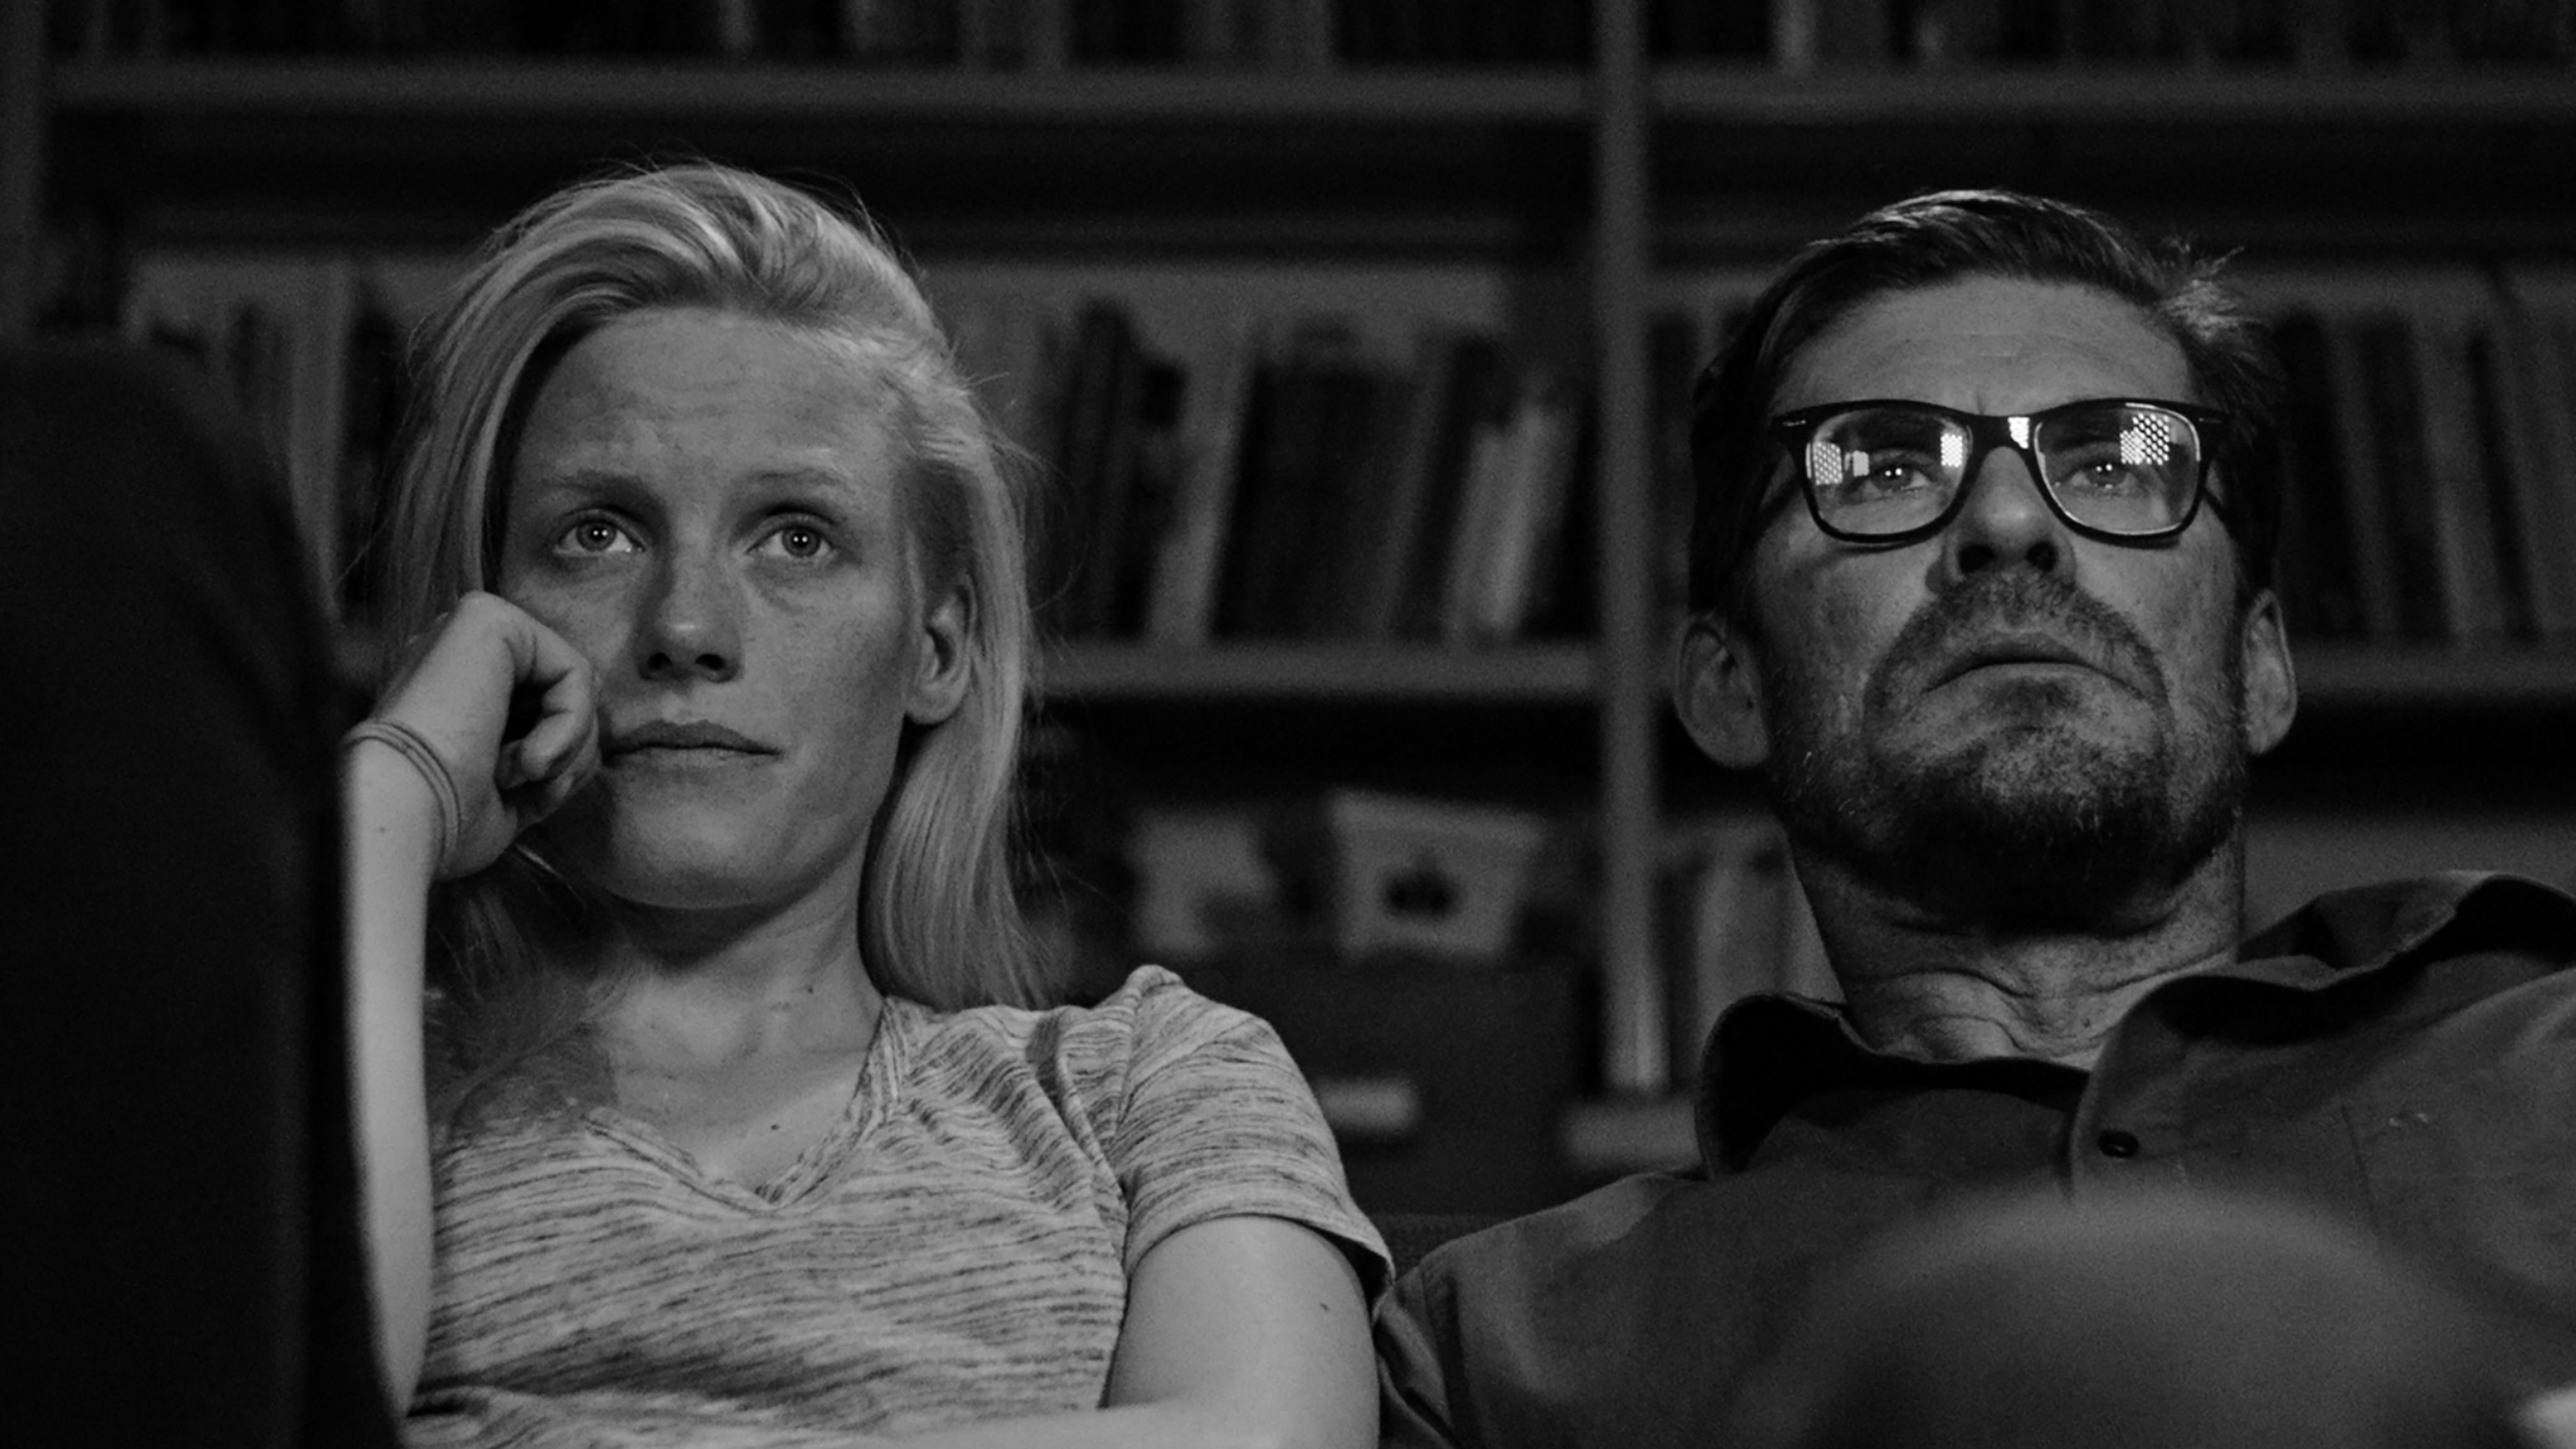 NORDIC FILM FEST 2-5 MAGGIO 2019 – ROMA